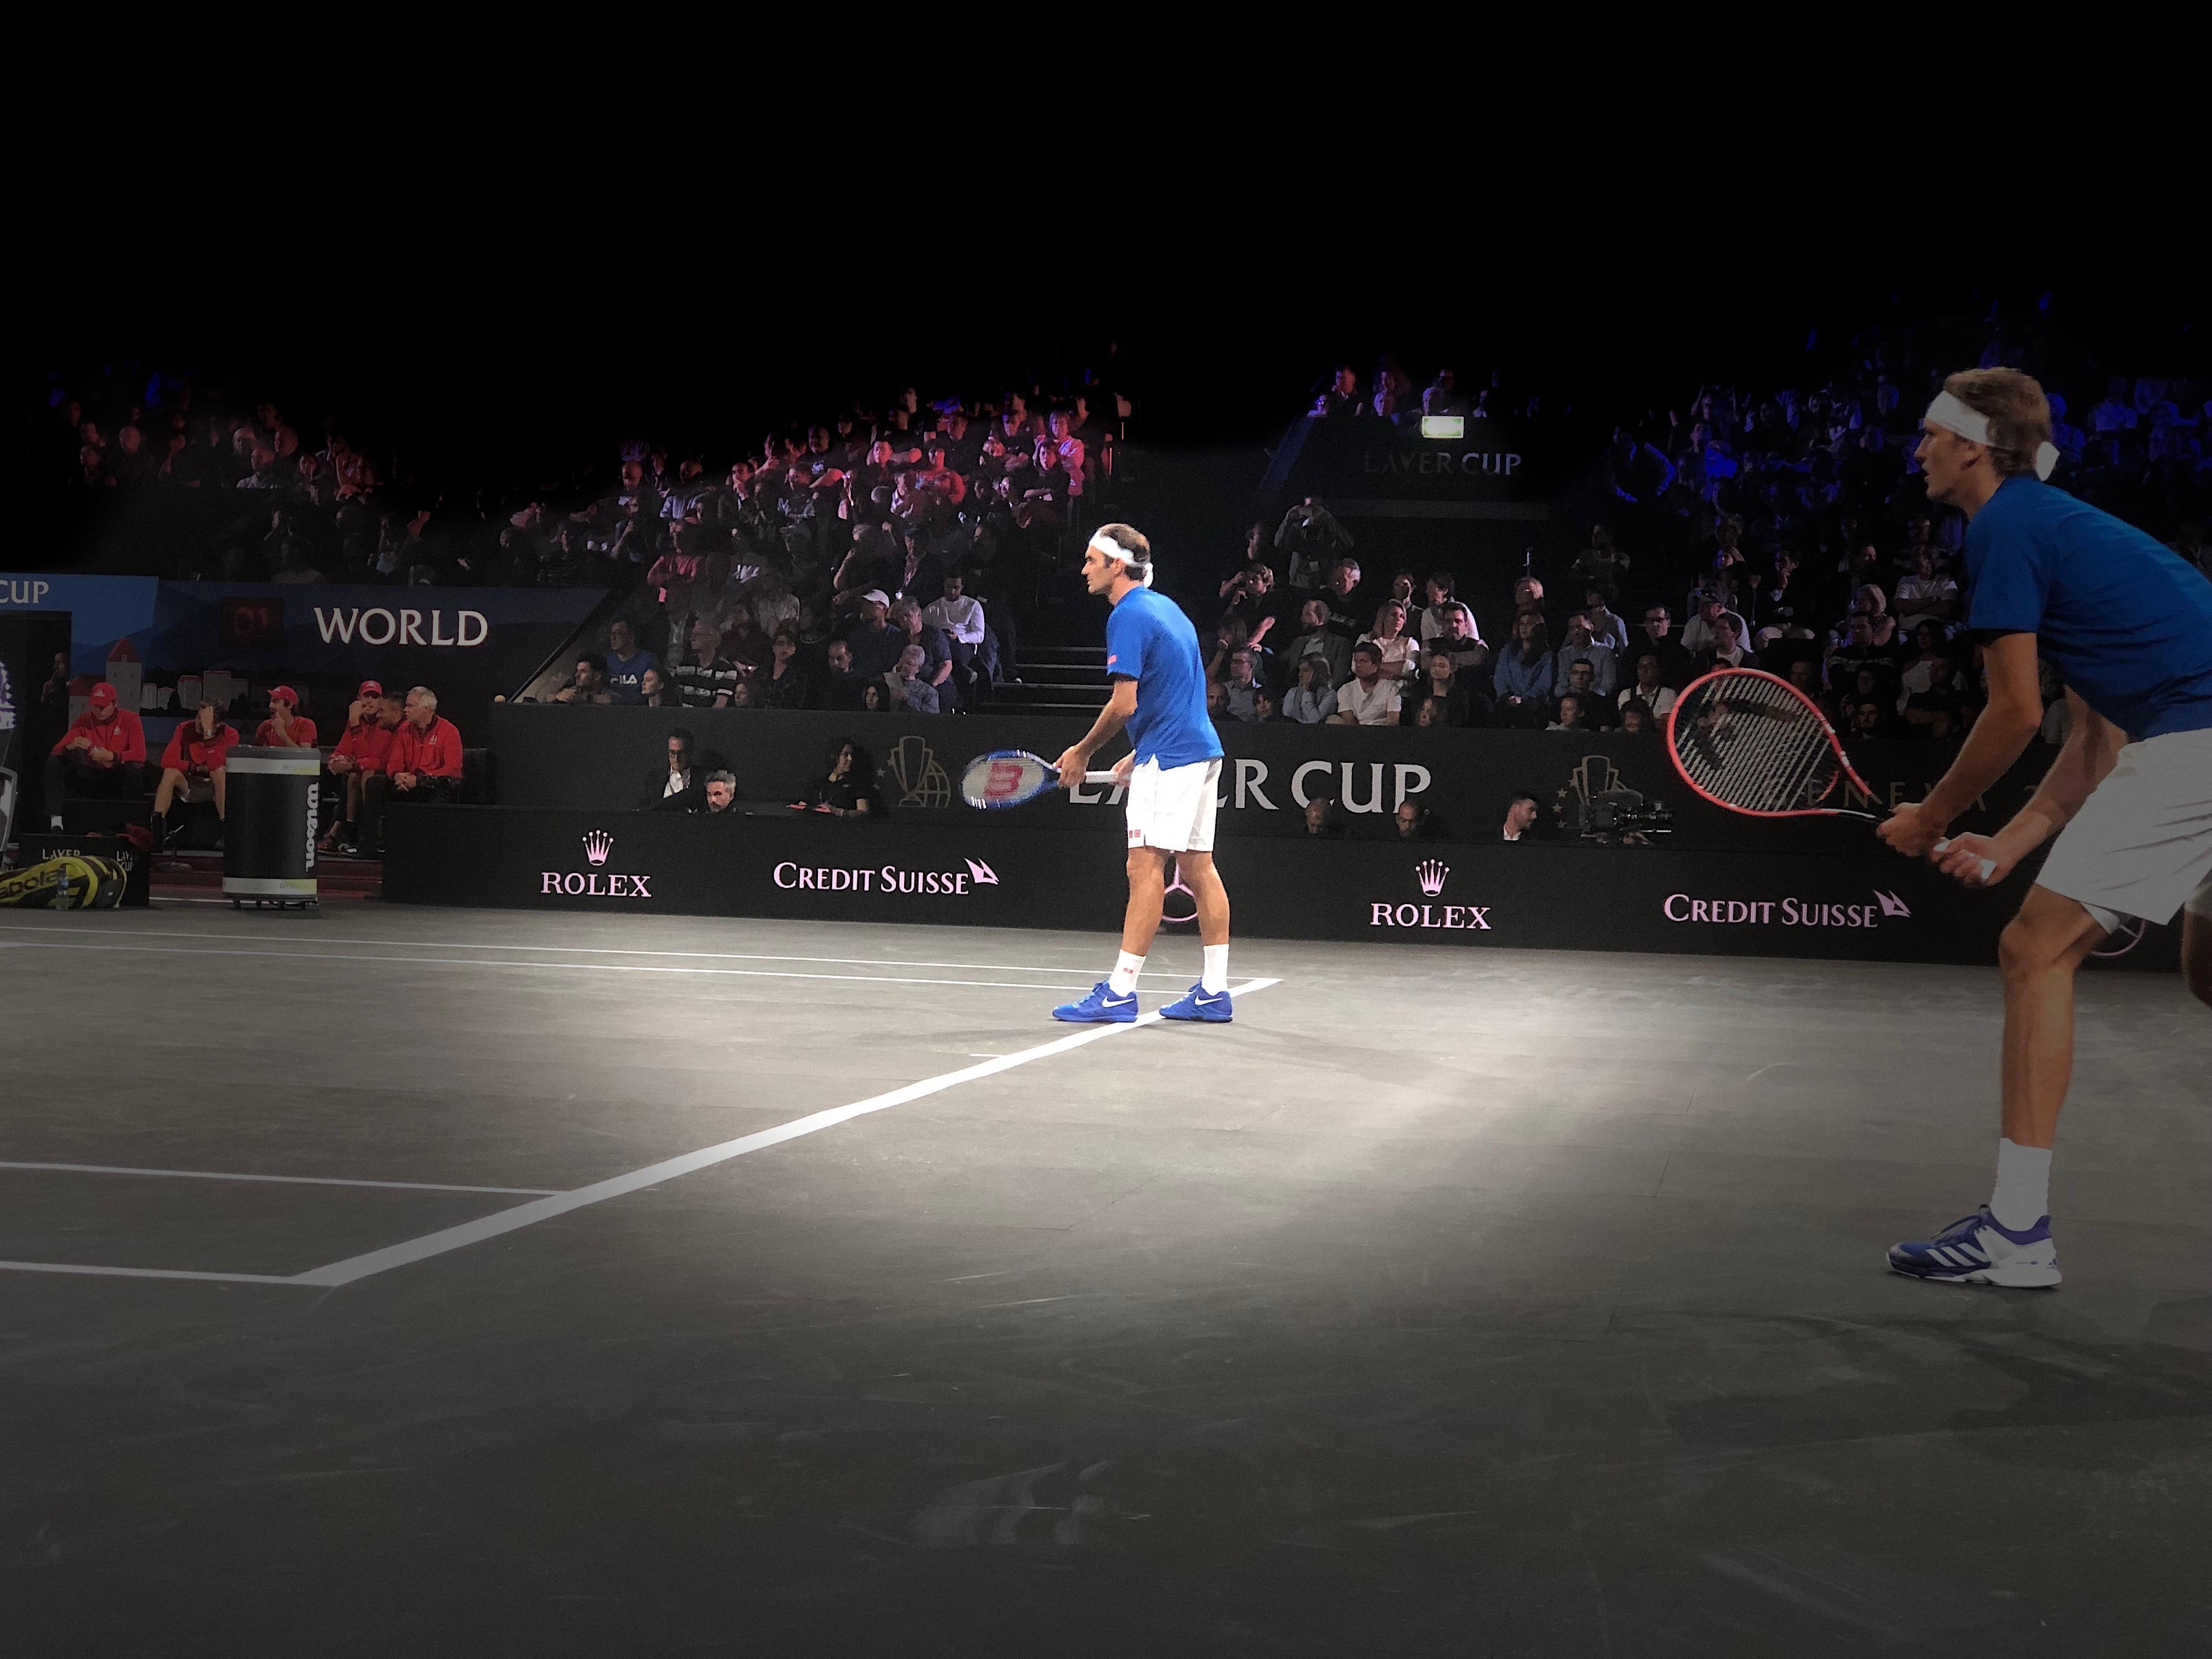 Samedi 21 septembre, Genève va voir jouer Roger Federer en simple face à l'imprévisible Nick Kyrgios, dans le cadre de la Laver Cup. La veille il a joué le double avec Zverev.